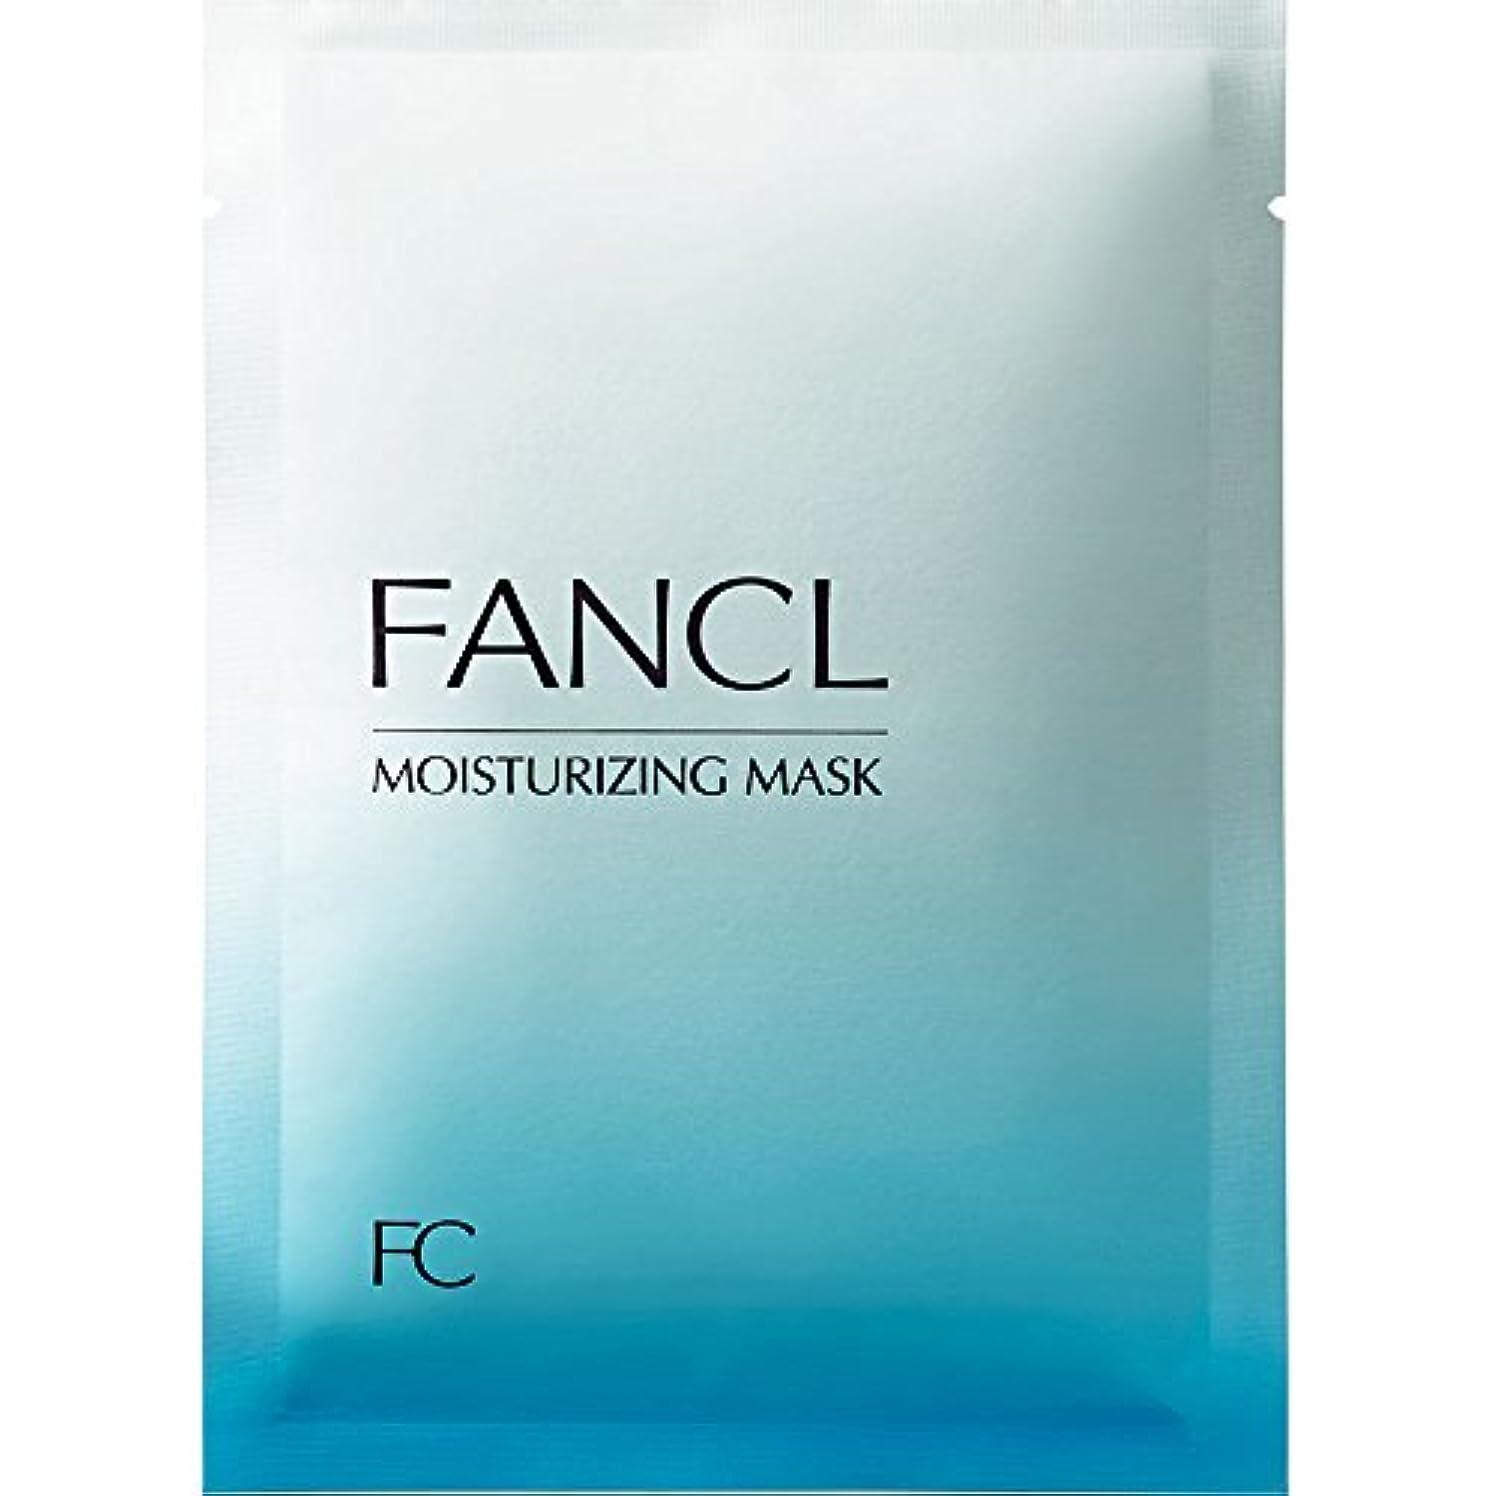 上院陰謀権威ファンケル (FANCL) モイスチャライジング マスク 6枚セット (18mL×6)